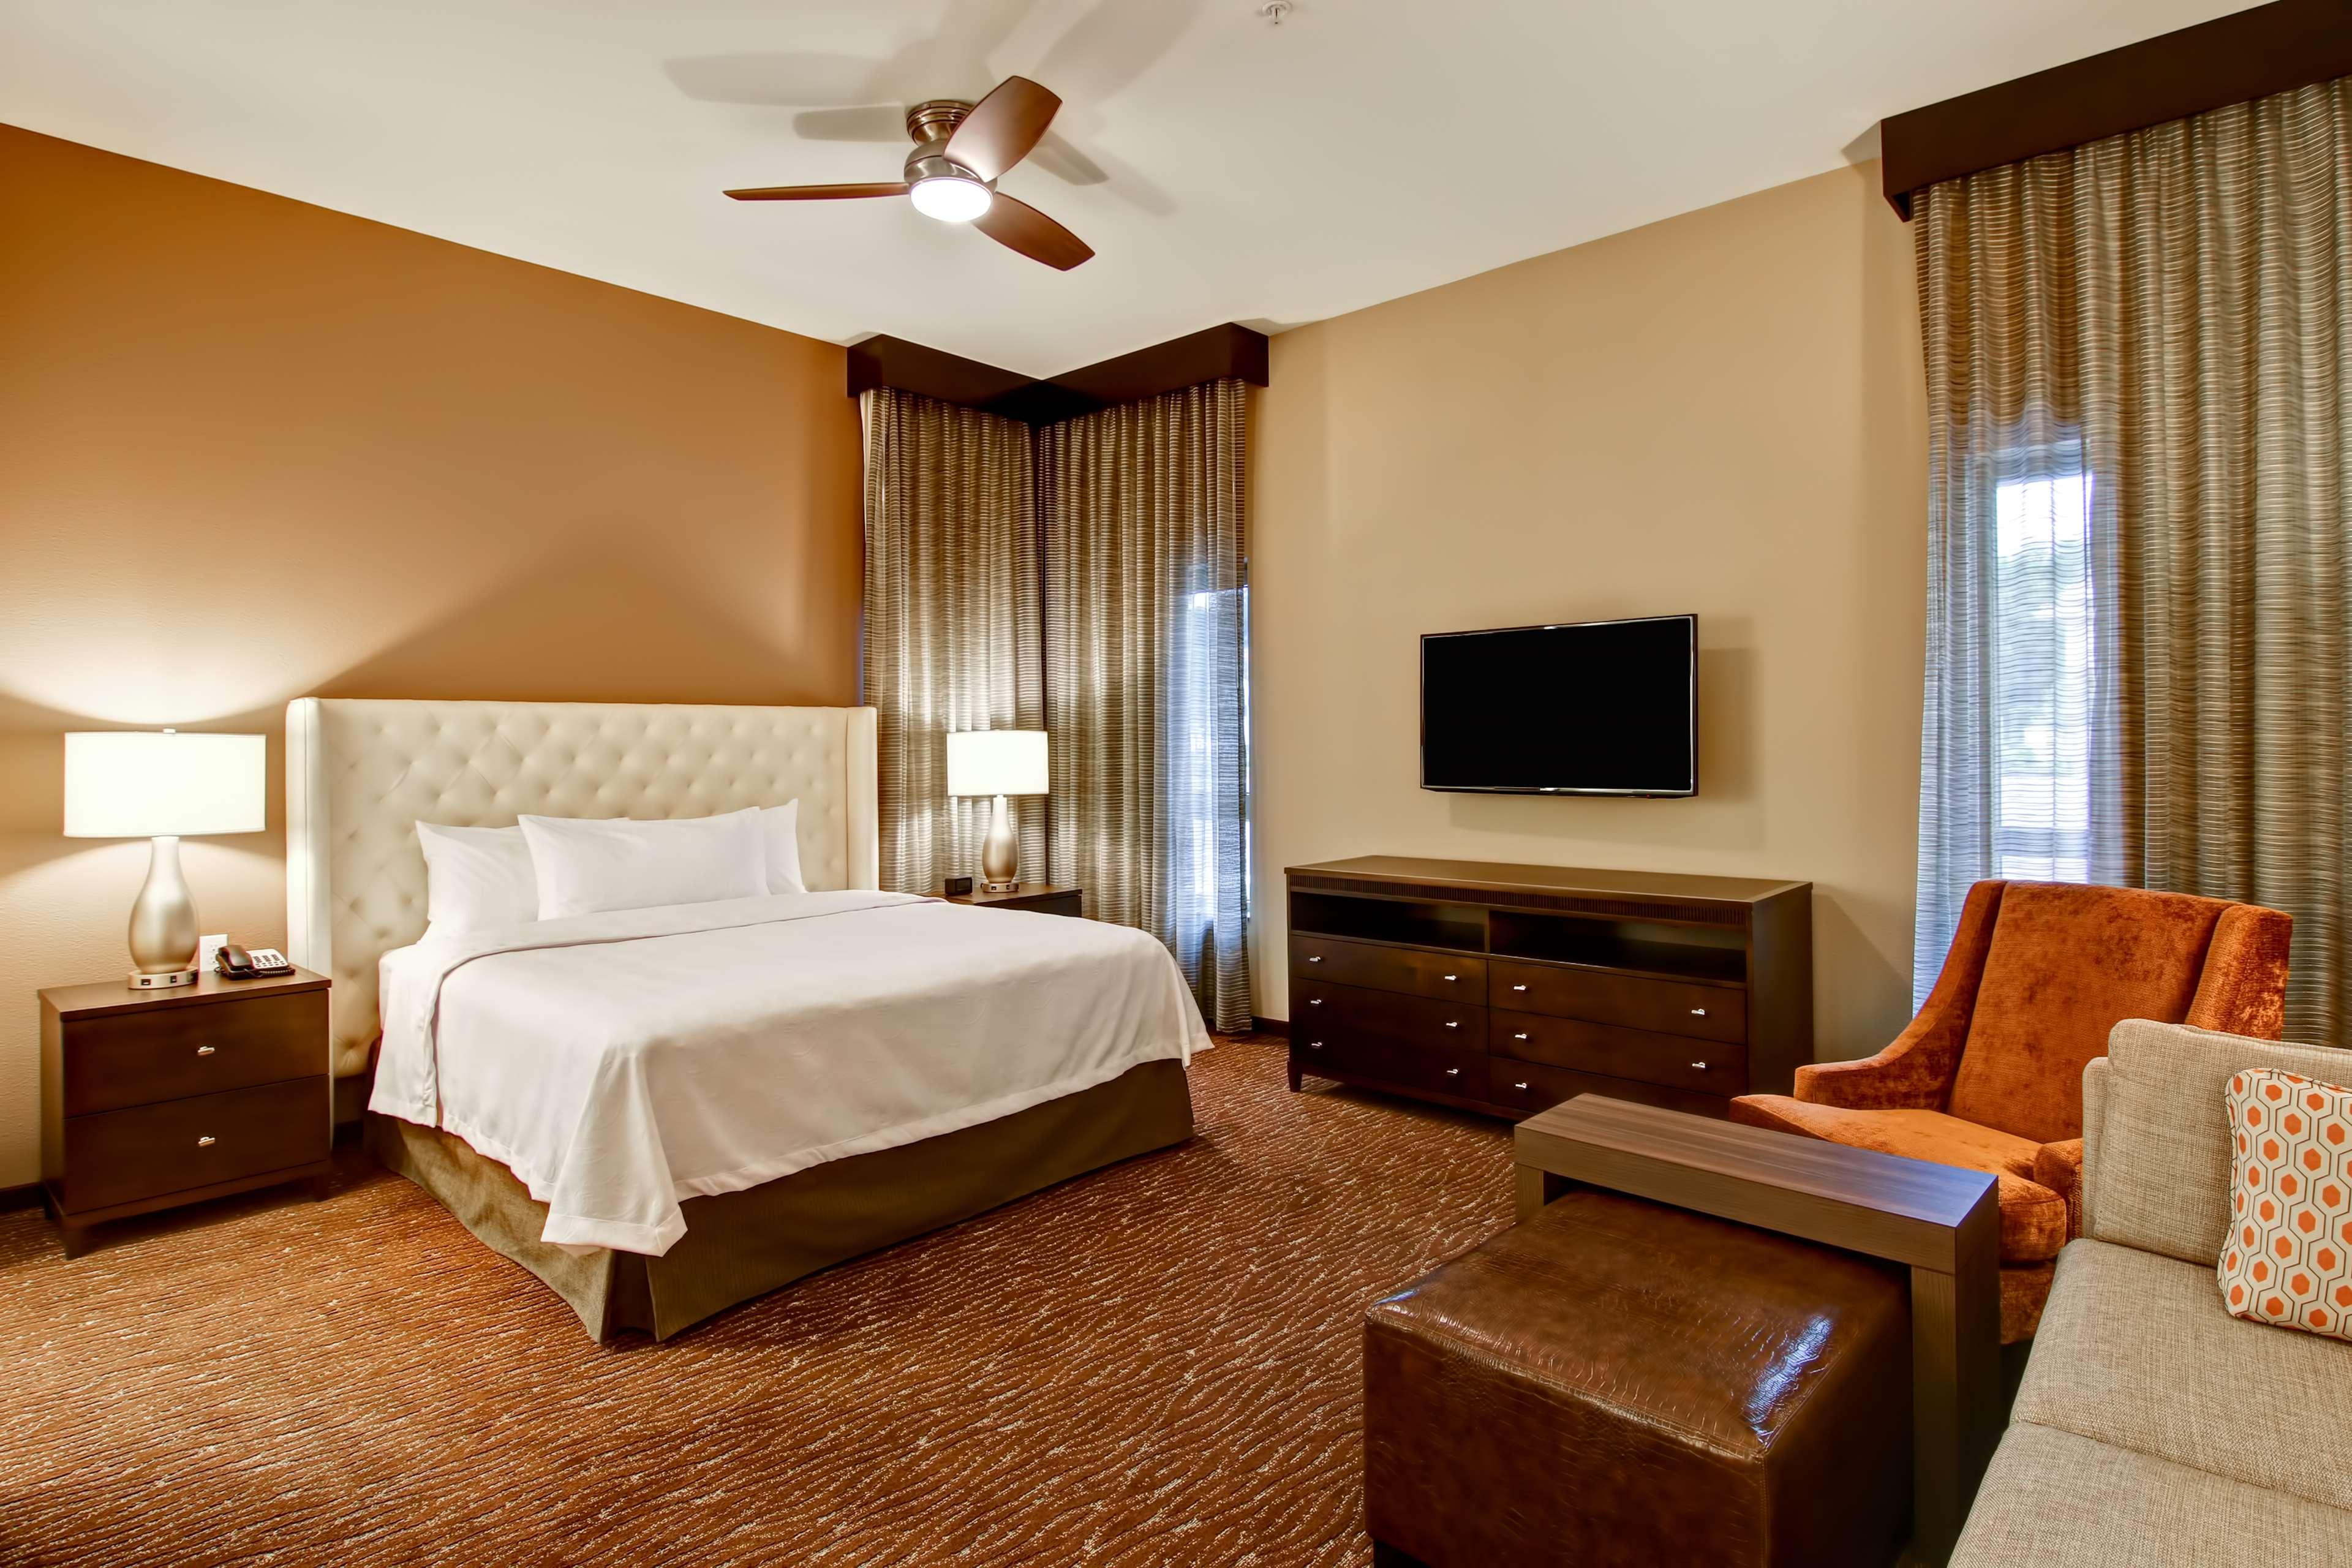 Homewood Suites by Hilton Palo Alto image 21